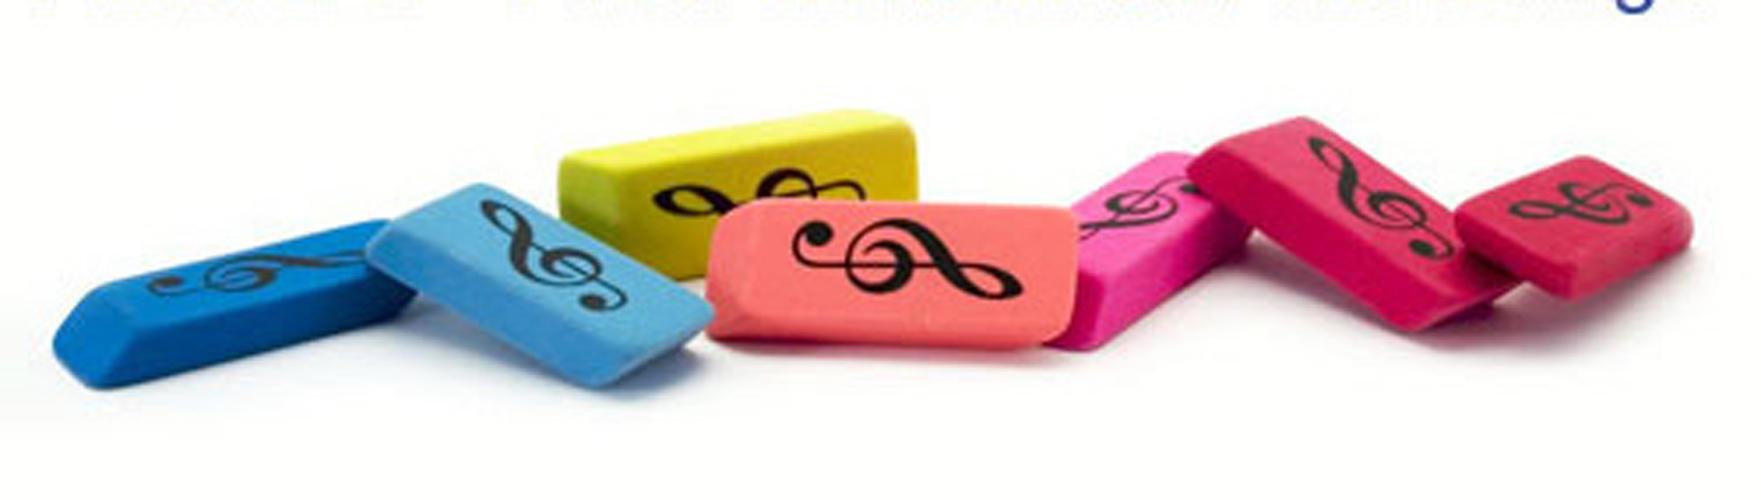 Pencil Eraser - Treble Clef Design